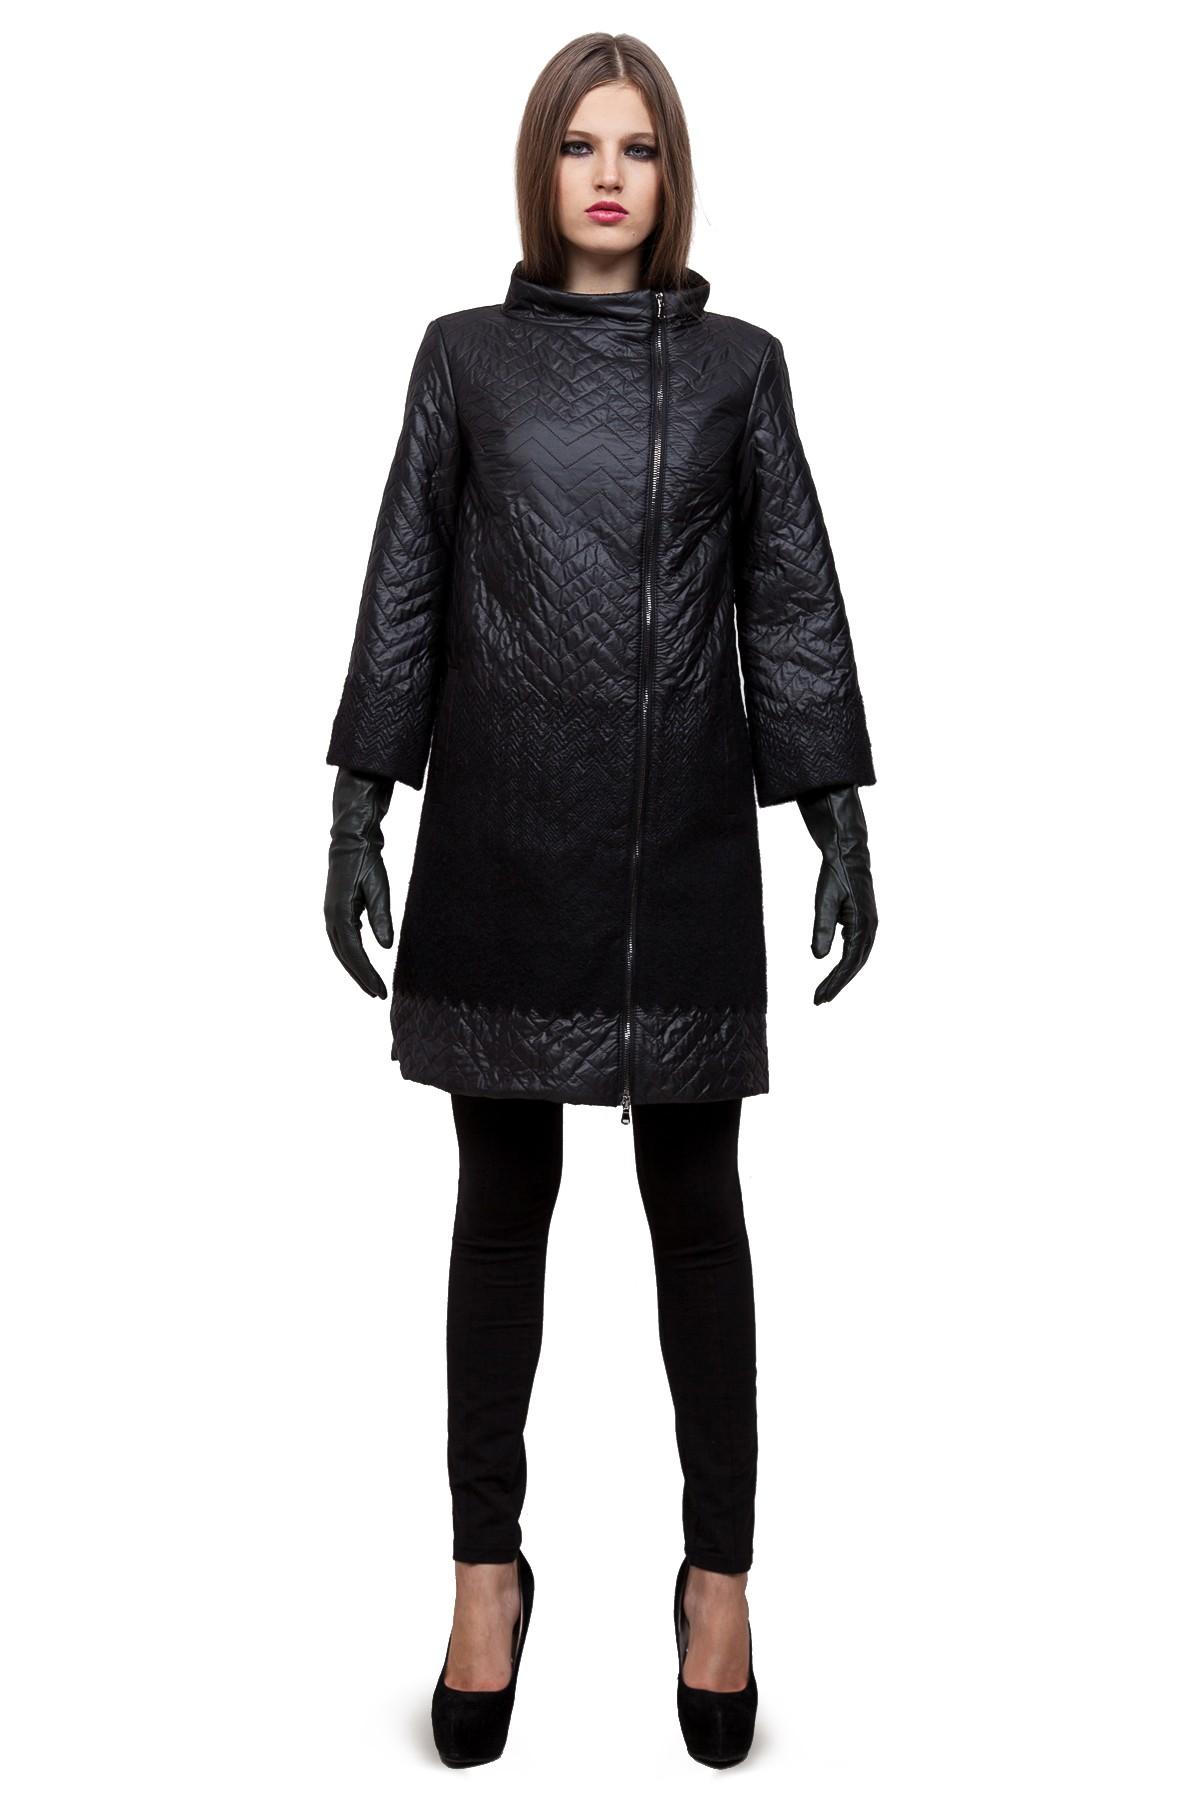 ПальтоЖенские куртки, плащи, пальто<br>Пальто от Doctor E - стильный и комфортный выбор. Шерсть, которая входит в состав, надежно сохраняет тепло. Лаконичное черное пальто с ассиметричным расположением молнии. Отличный выбор для современной жительницы мегаполиса.<br><br>Цвет: черный<br>Состав: 38%шерсть,62%полиэстер,  подкладка - 100%полиэстер<br>Размер: 46,52,54,56,60<br>Страна дизайна: Россия<br>Страна производства: Россия